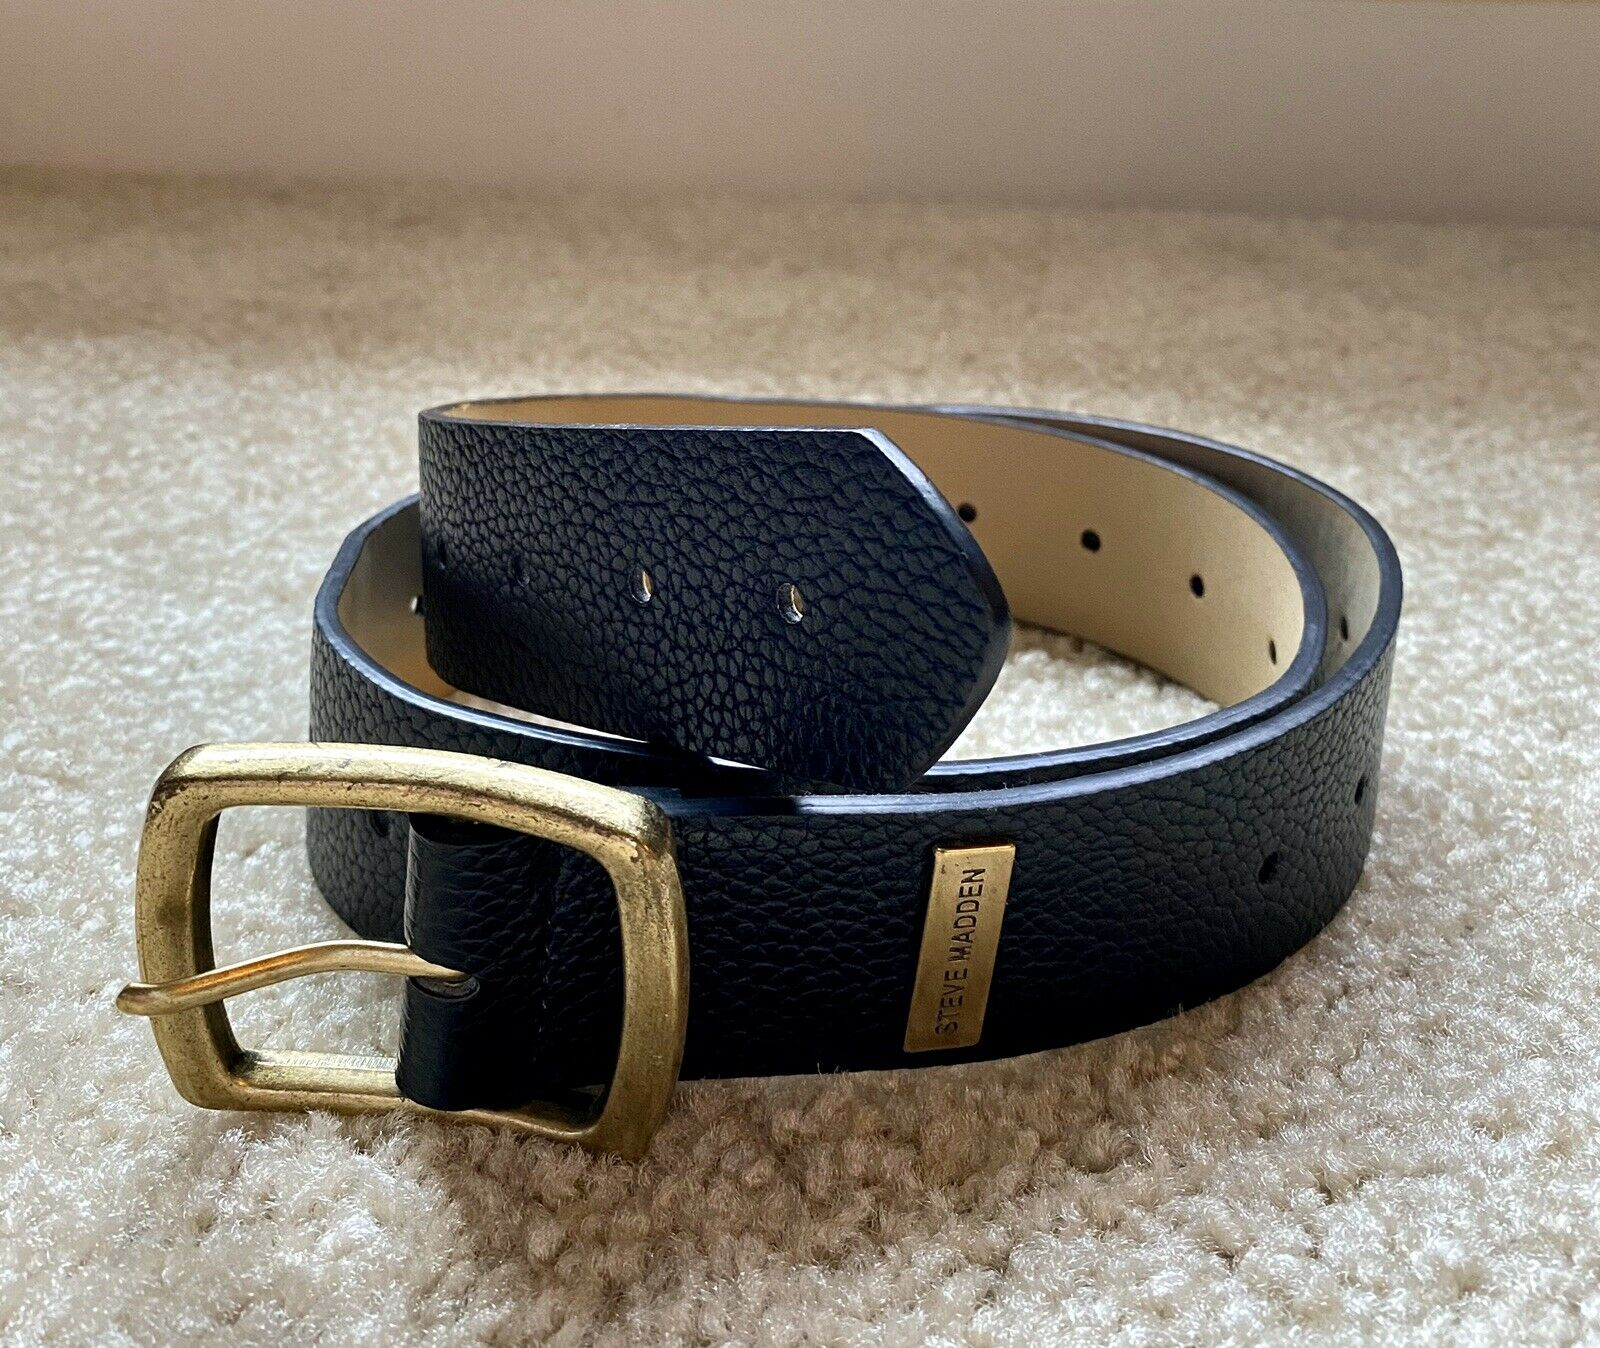 * Nuevo * STEVE MADDEN negro Hebilla Cinturón De Cuero Hombre 30 pulgadas